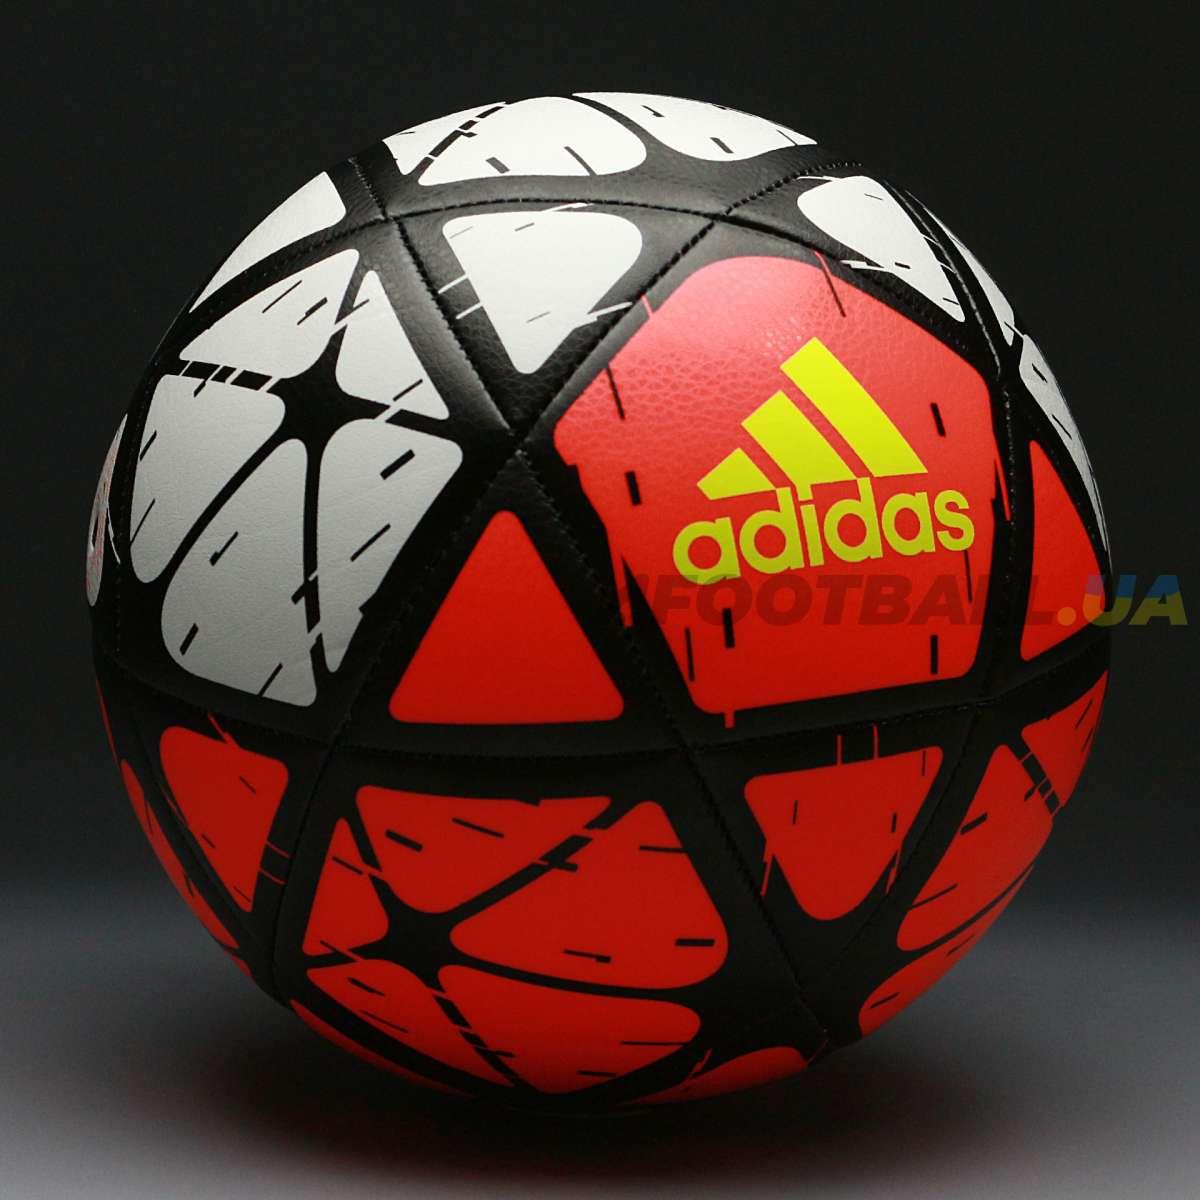 ... Футбольный Мяч Adidas Glider CW4169 №5 5 ... d5cb7a1874db6